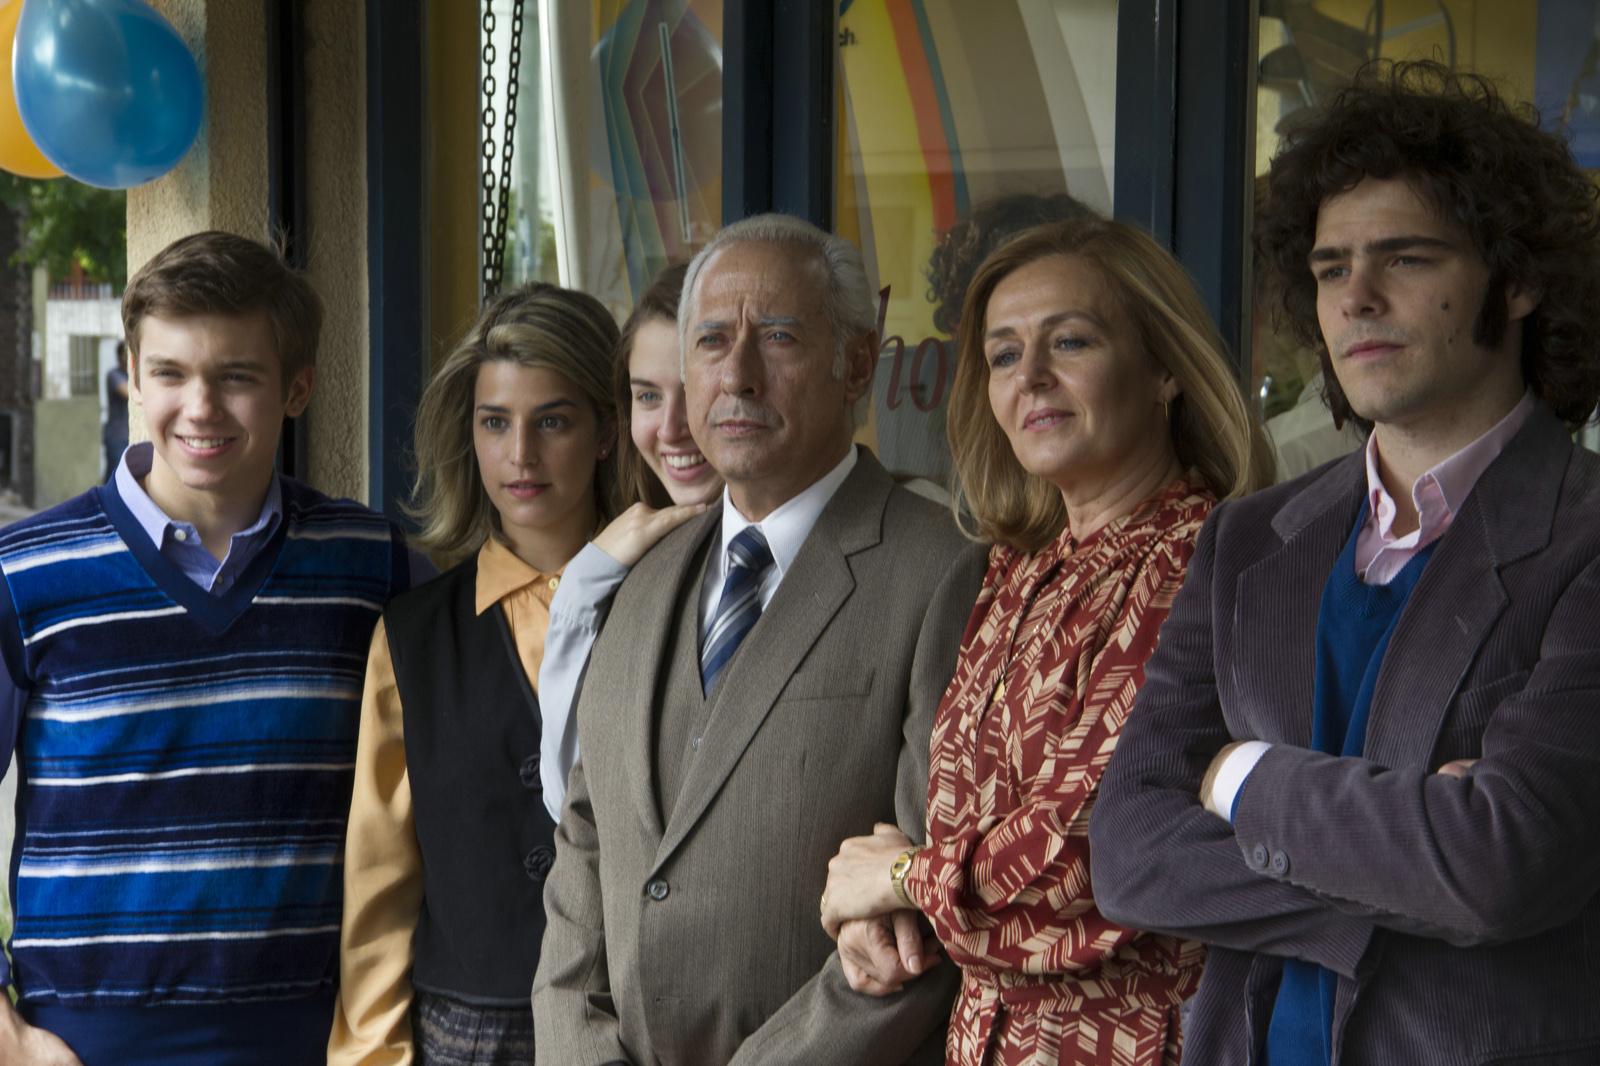 El Clan : Photo Franco Masini, Giselle Motta (II), Guillermo Francella, Lili Popovich, Peter Lanzani